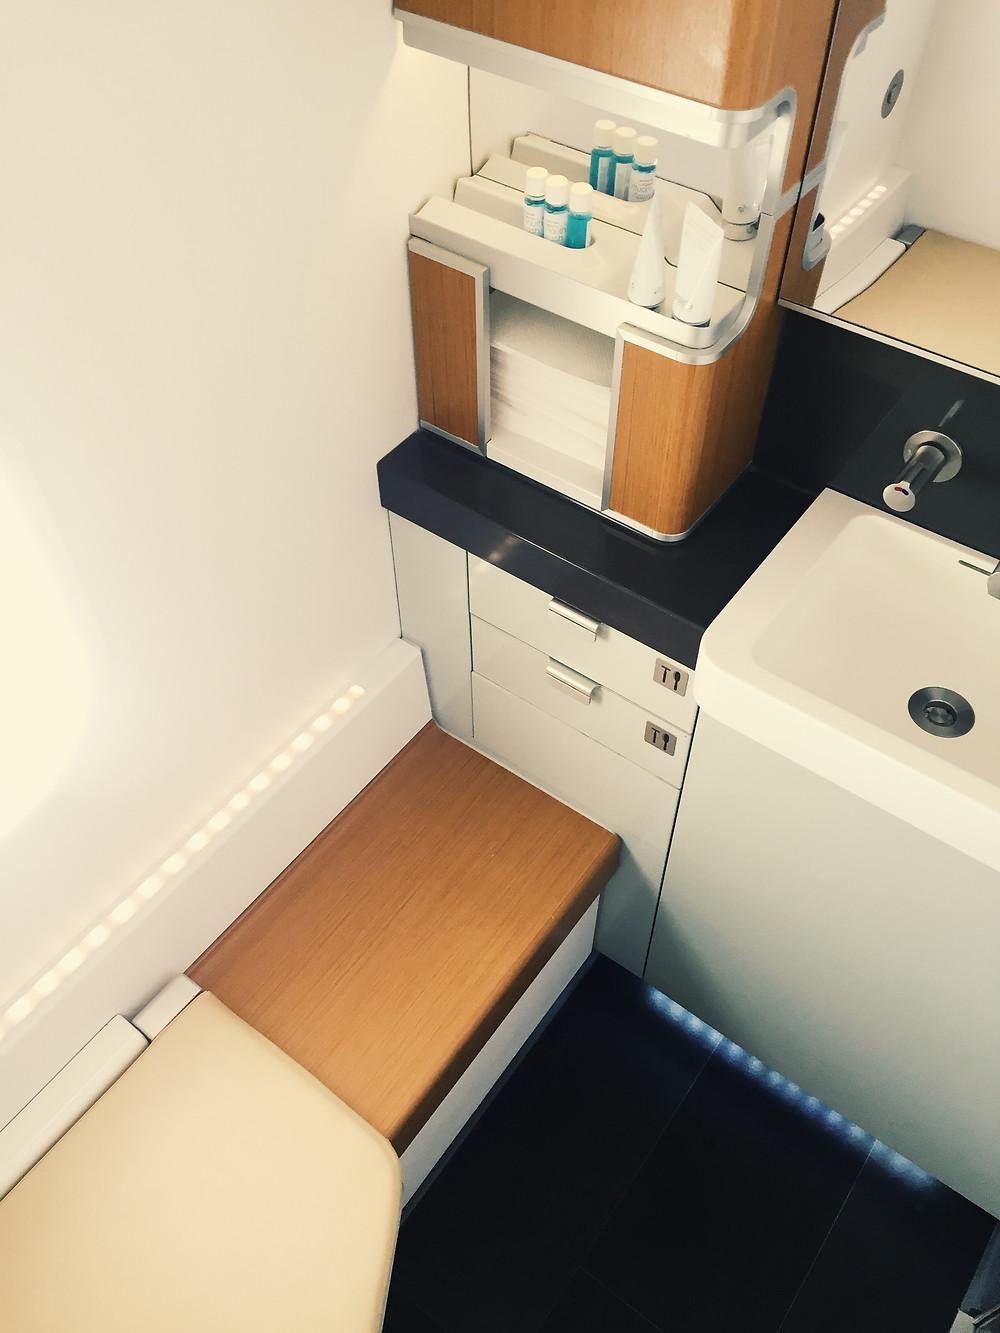 Lufthansa First Class, Restrooms